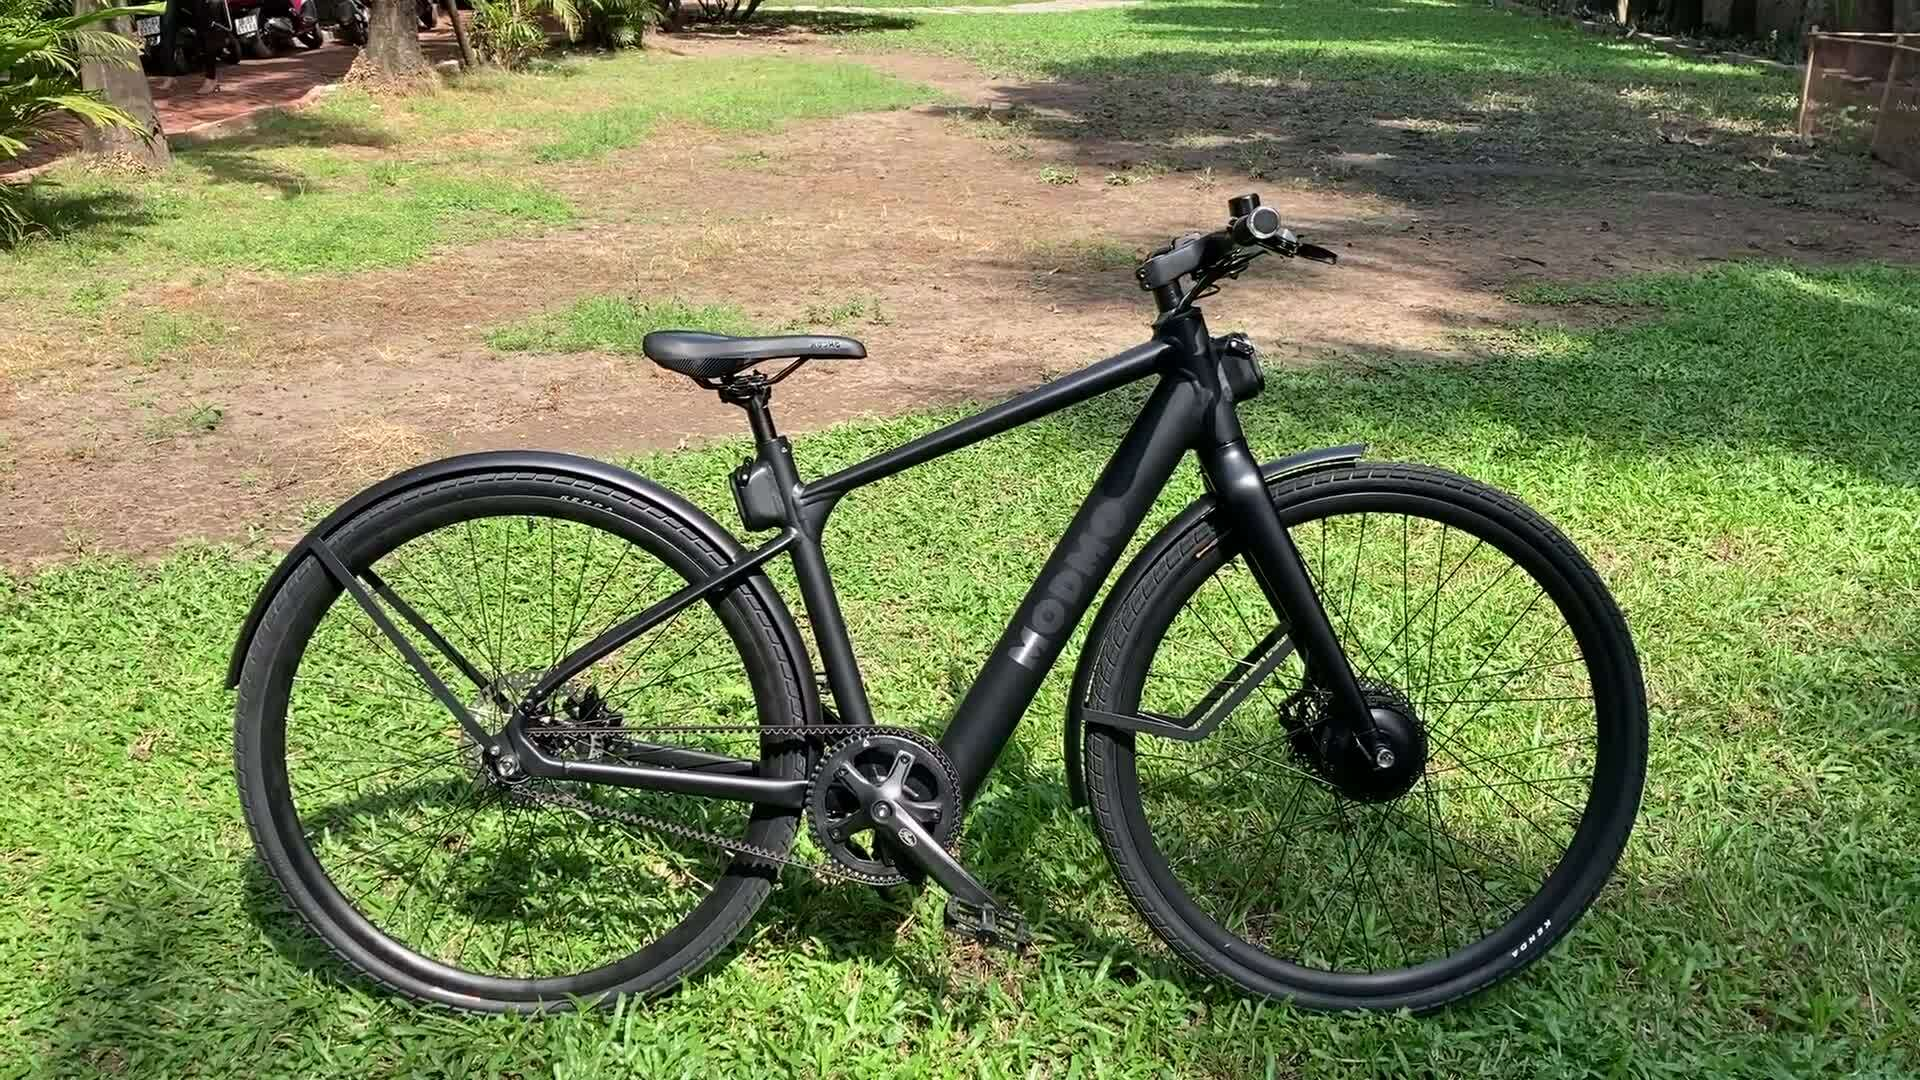 Modmo Saigon - xe đạp trợ lực điện giá 70 triệu đồng